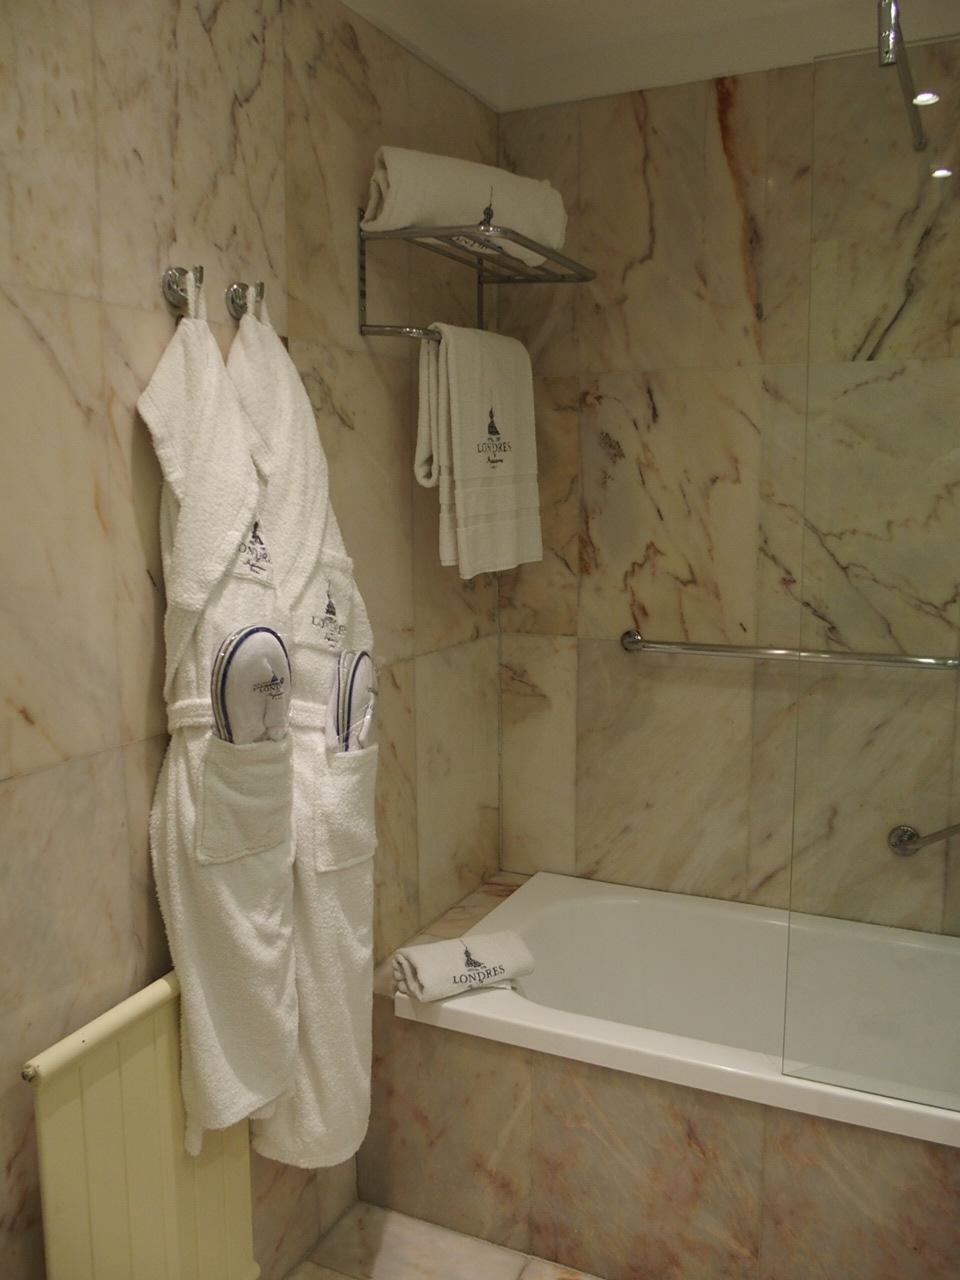 サンセバスチャンのホテルロンドレスのバスルーム